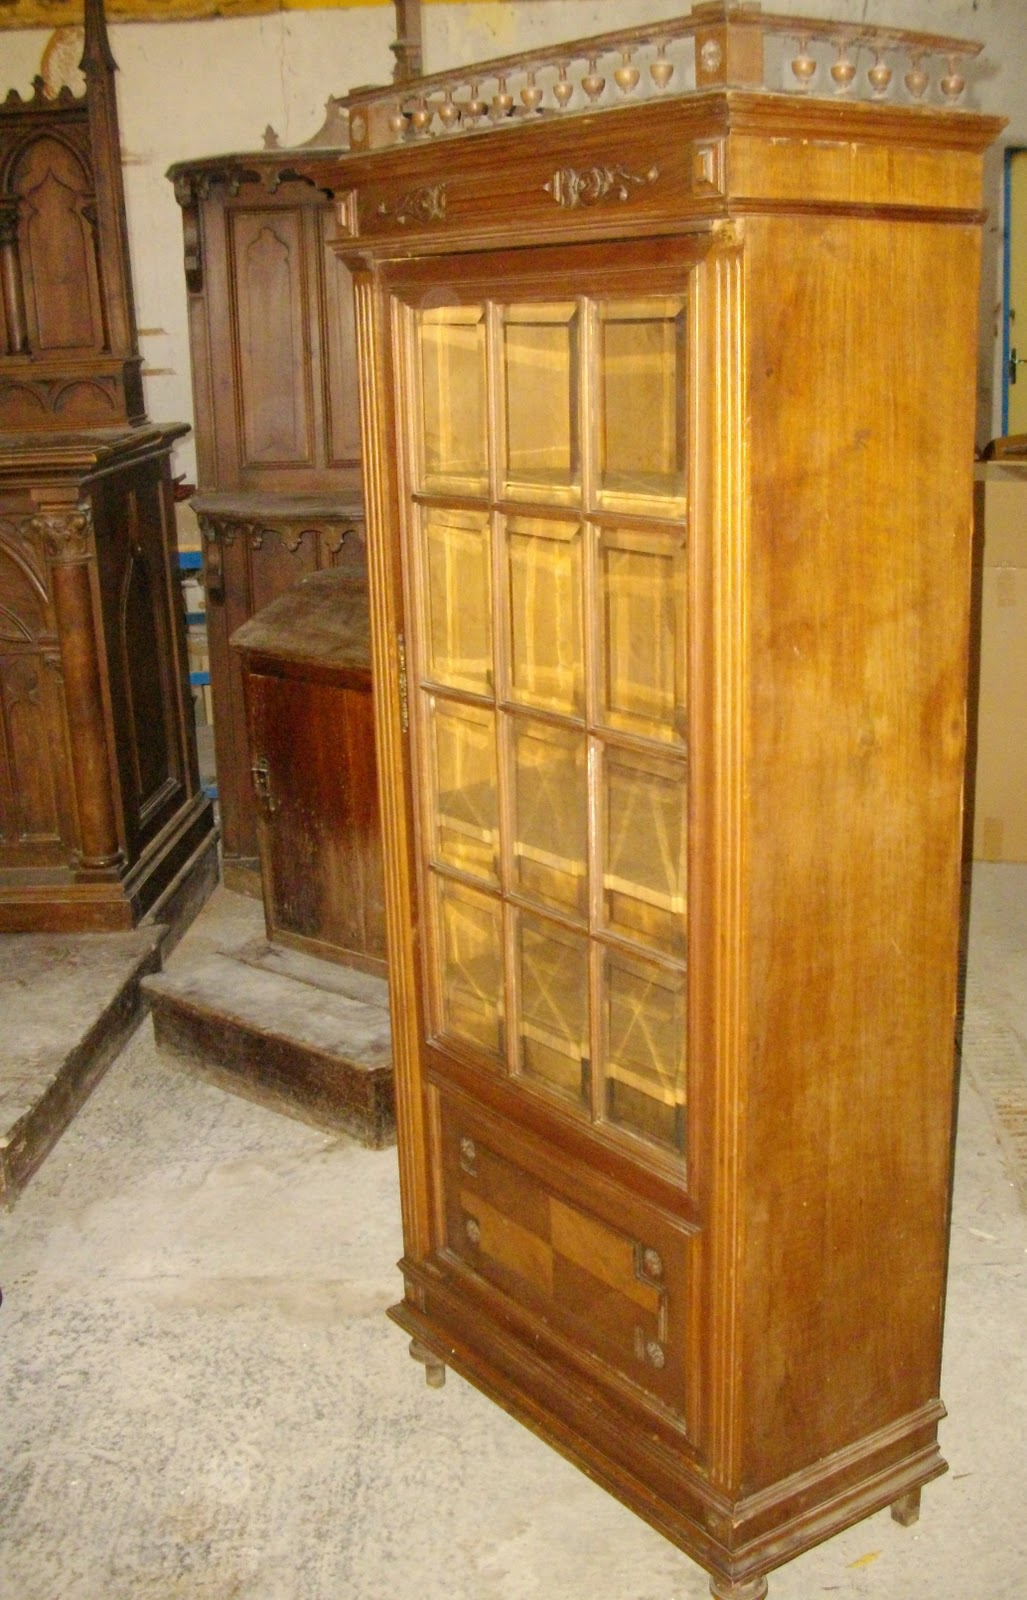 ancienne vitrine bibliotheque bois vitres verres biseaut es i. Black Bedroom Furniture Sets. Home Design Ideas